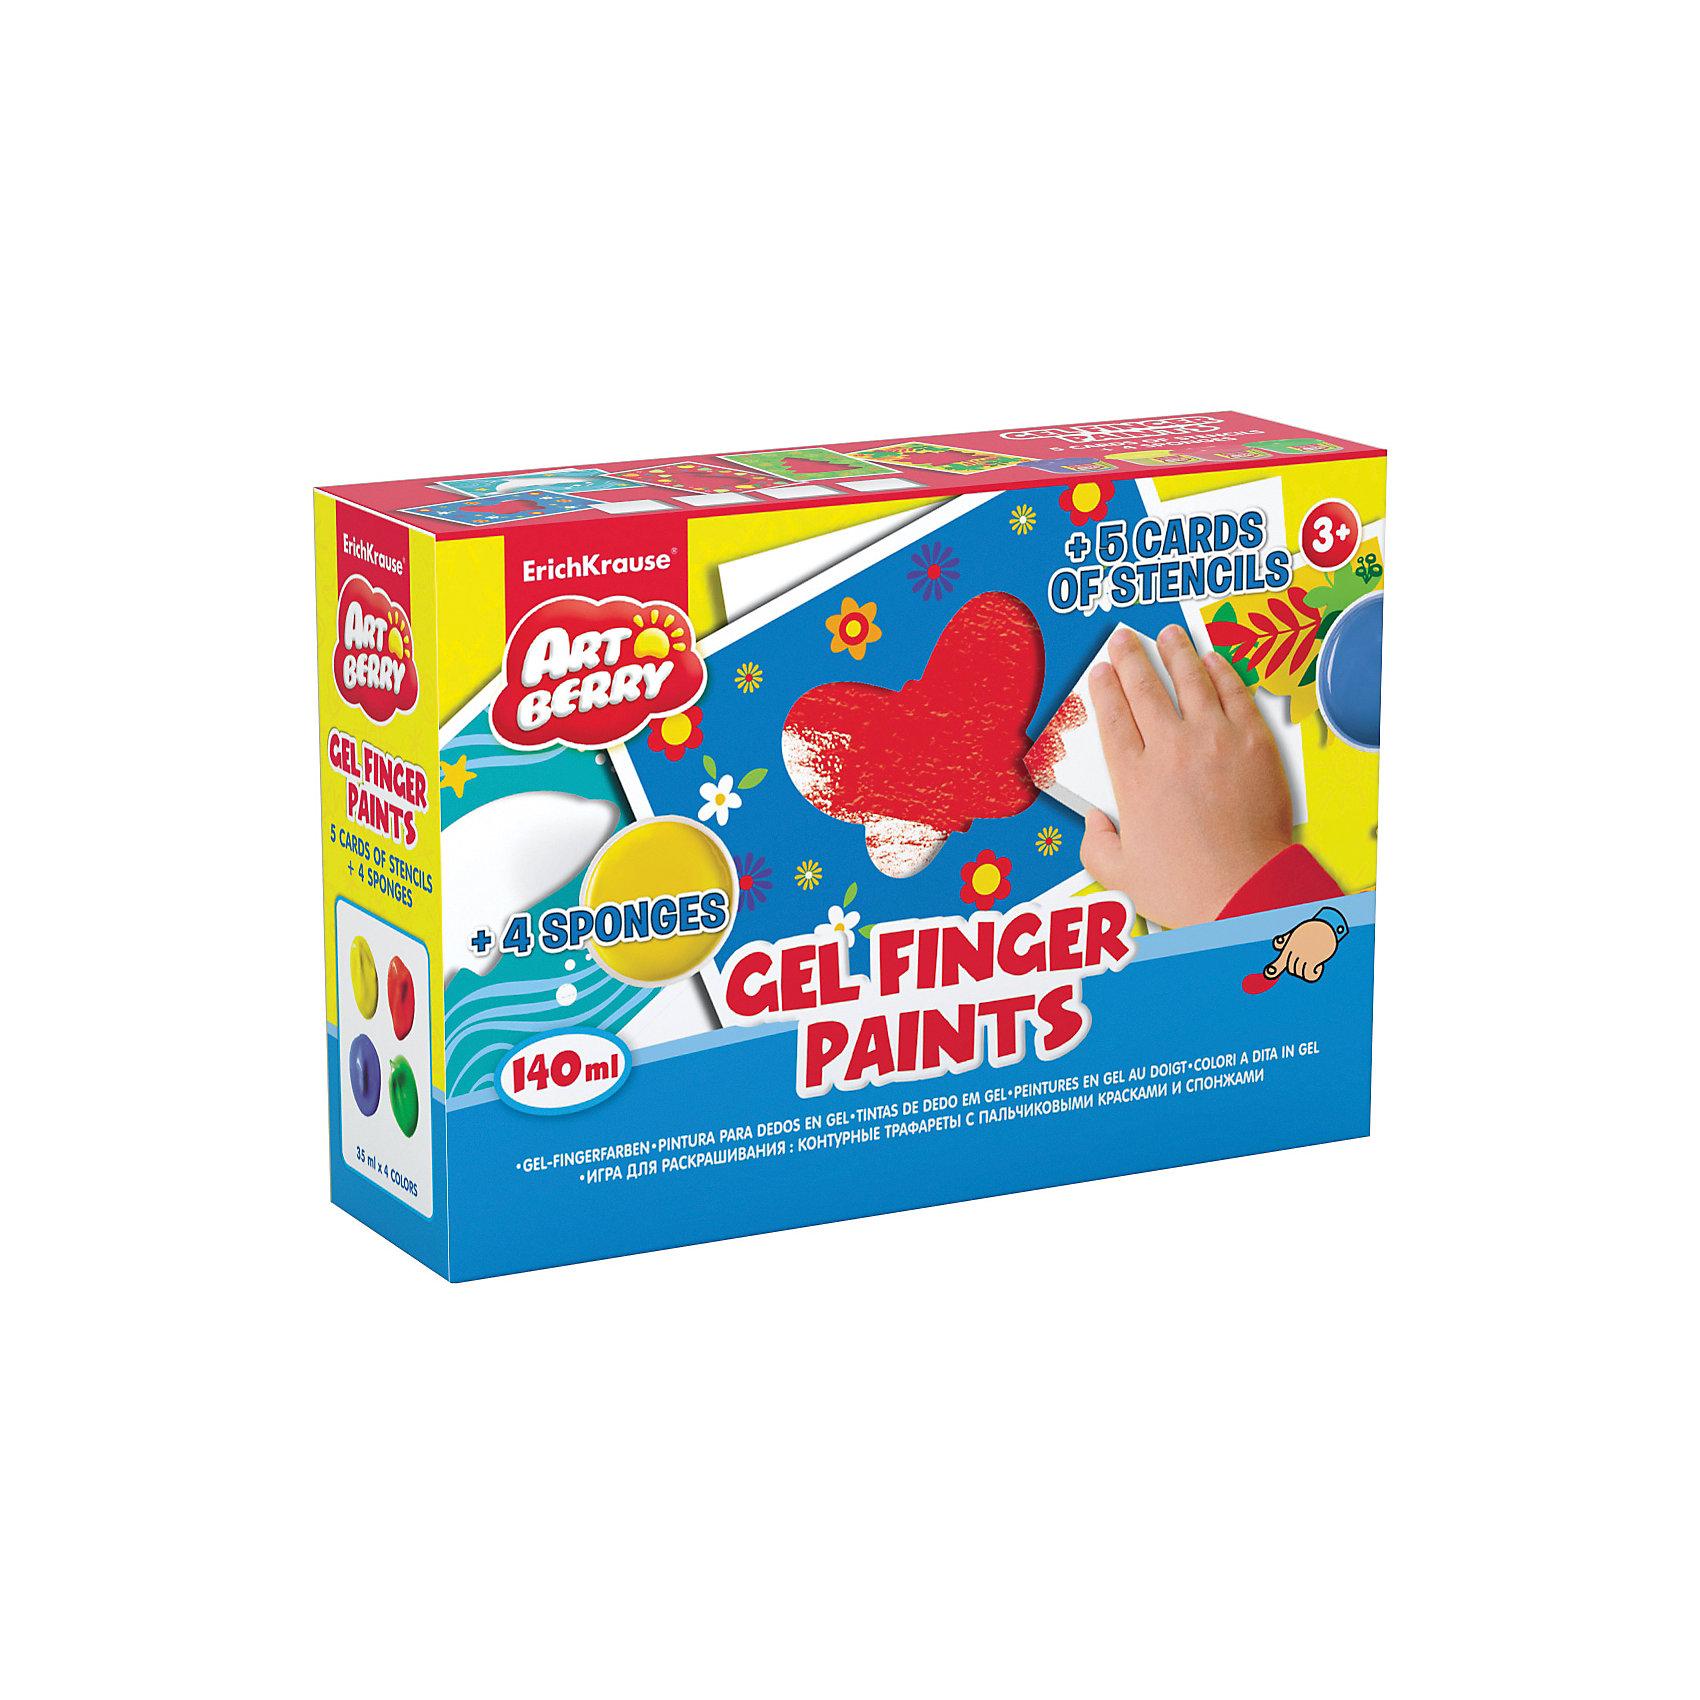 Пальчиковые краски с трафаретами и спонжами, ArtberryДетские трафареты<br>Характеристики пальчиковых красок с трафаретами и спонжами, Artberry:<br><br>• возраст: от 3 лет<br>• пол: для мальчиков и девочек<br>• материал: картон, пластик, краска.<br>• размер упаковки: 13.5x19.5x5.6 см.<br>• упаковка: картонная коробка.<br>• бренд: Erich Krause<br>• страна обладатель бренда: Россия.<br><br>Пальчиковые краски Artberry - отличный набор для юных художников. Предназначается для мальчиков и девочек старше трех лет. Дети, обожающие рисовать, будут очень рады такому набору, так как в комплект входят четыре цвета красок, цветные контурные трафареты с различными изображениями и спонжи, что делает процесс рисования проще и интереснее.<br><br>Пальчиковые краски с трафаретами и спонжами, Artberry торговой марки Erich Krause можно купить в нашем интернет-магазине.<br><br>Ширина мм: 195<br>Глубина мм: 50<br>Высота мм: 135<br>Вес г: 950<br>Возраст от месяцев: 24<br>Возраст до месяцев: 120<br>Пол: Унисекс<br>Возраст: Детский<br>SKU: 4516981